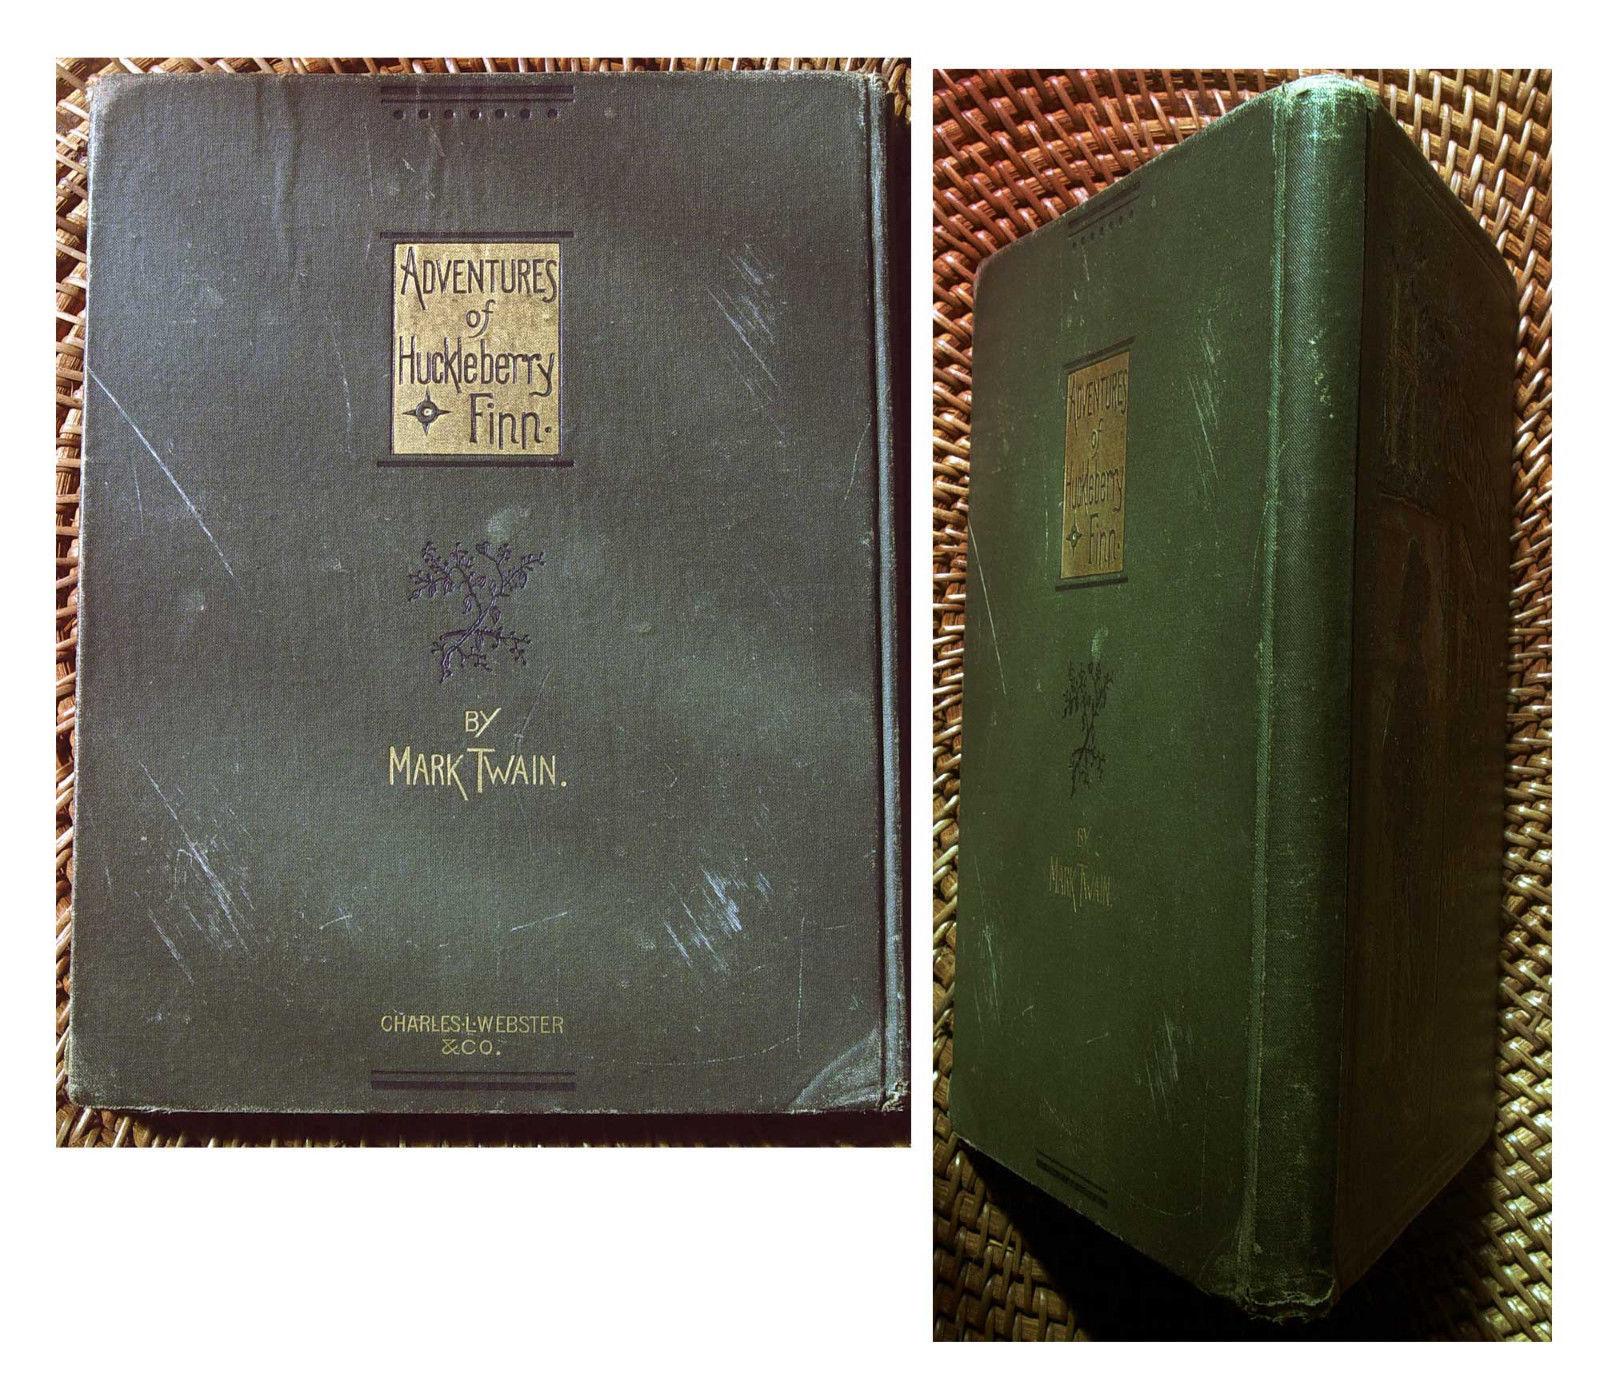 Mark Twain ADVENTURES OF HUCKLEBERRY FINN salesman's sample 1885. Rare.